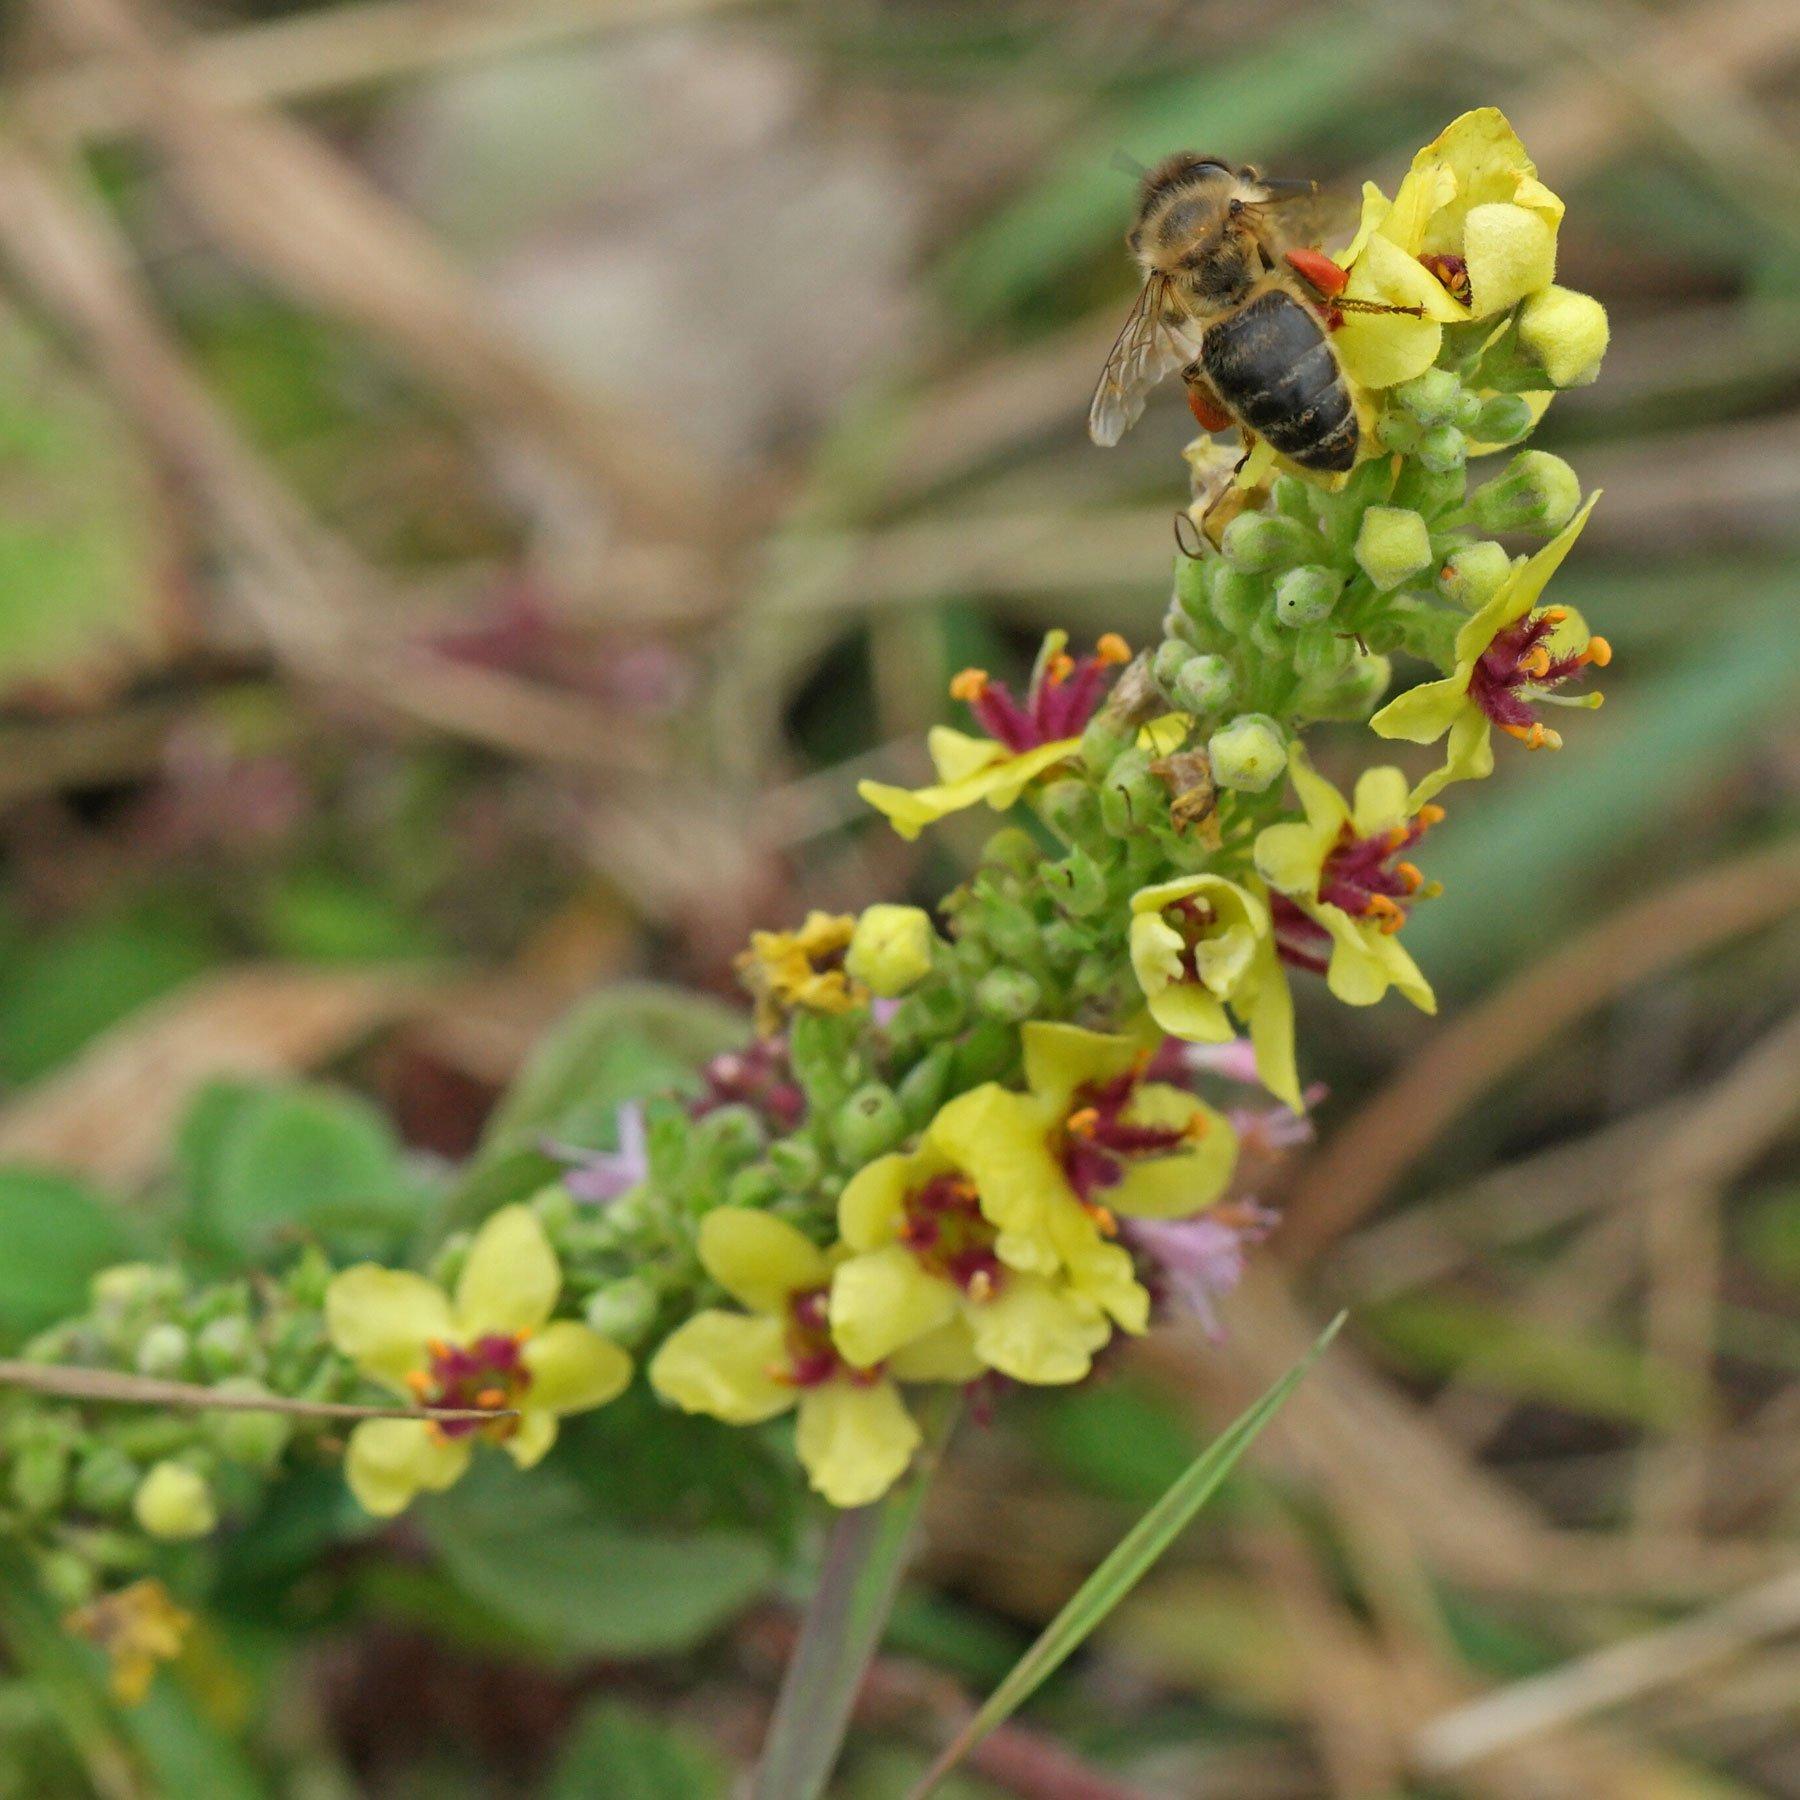 Honigbiene auf Königskerze